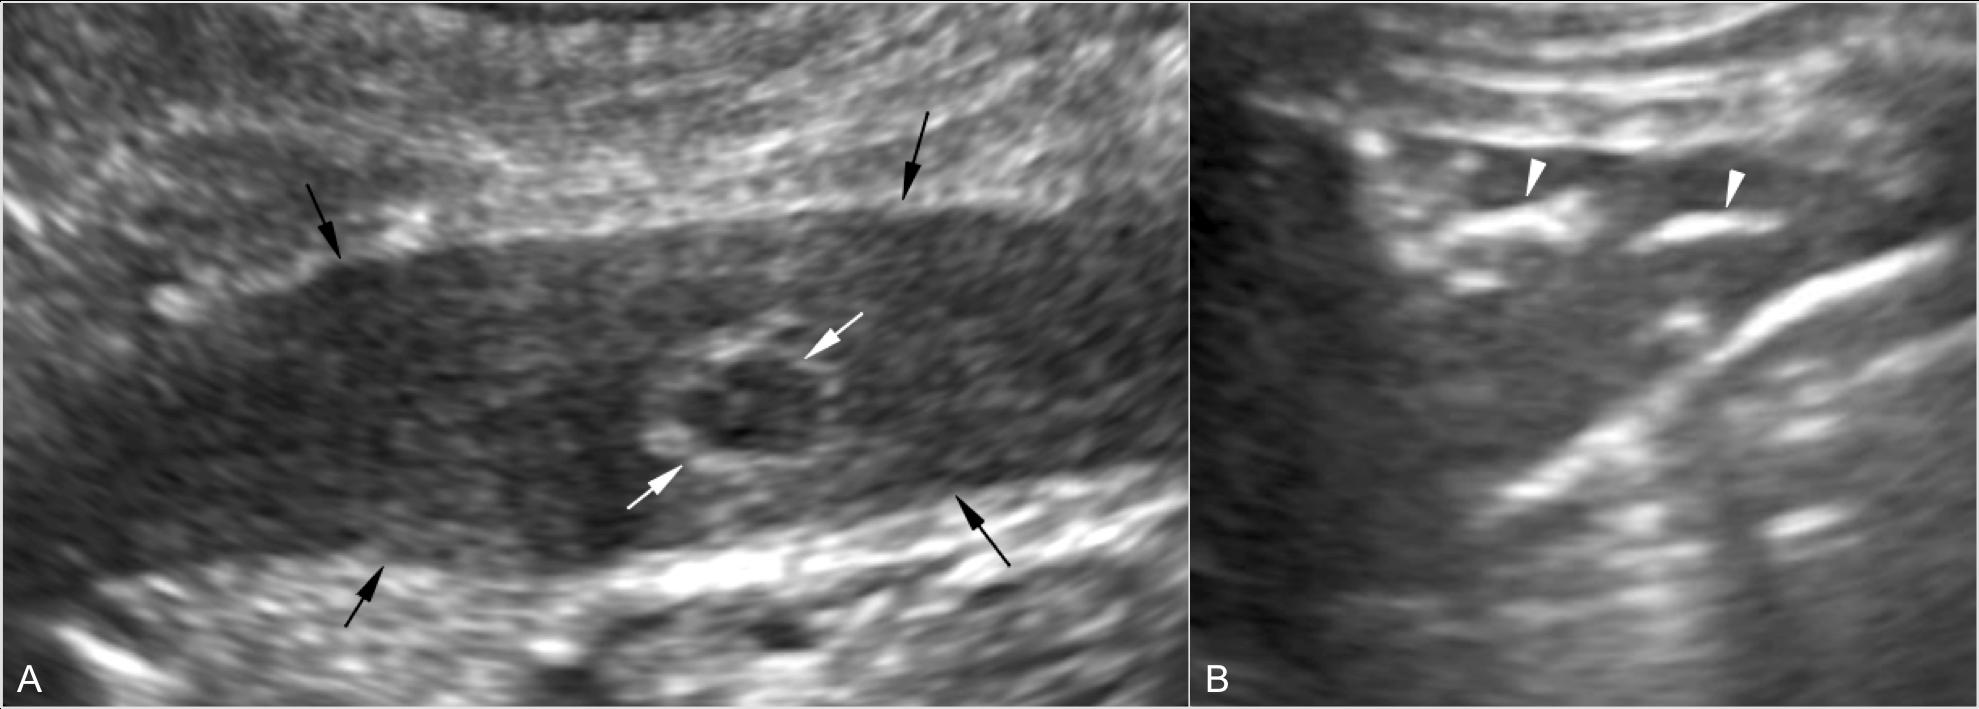 Figura 3. Imágenes ecográficas de un lóbulo pulmonar consolidado (flechas negras) con un broncograma lleno de líquido (flechas blancas) (A) y con broncogramas aéreos (puntas de flecha blancas) (B).